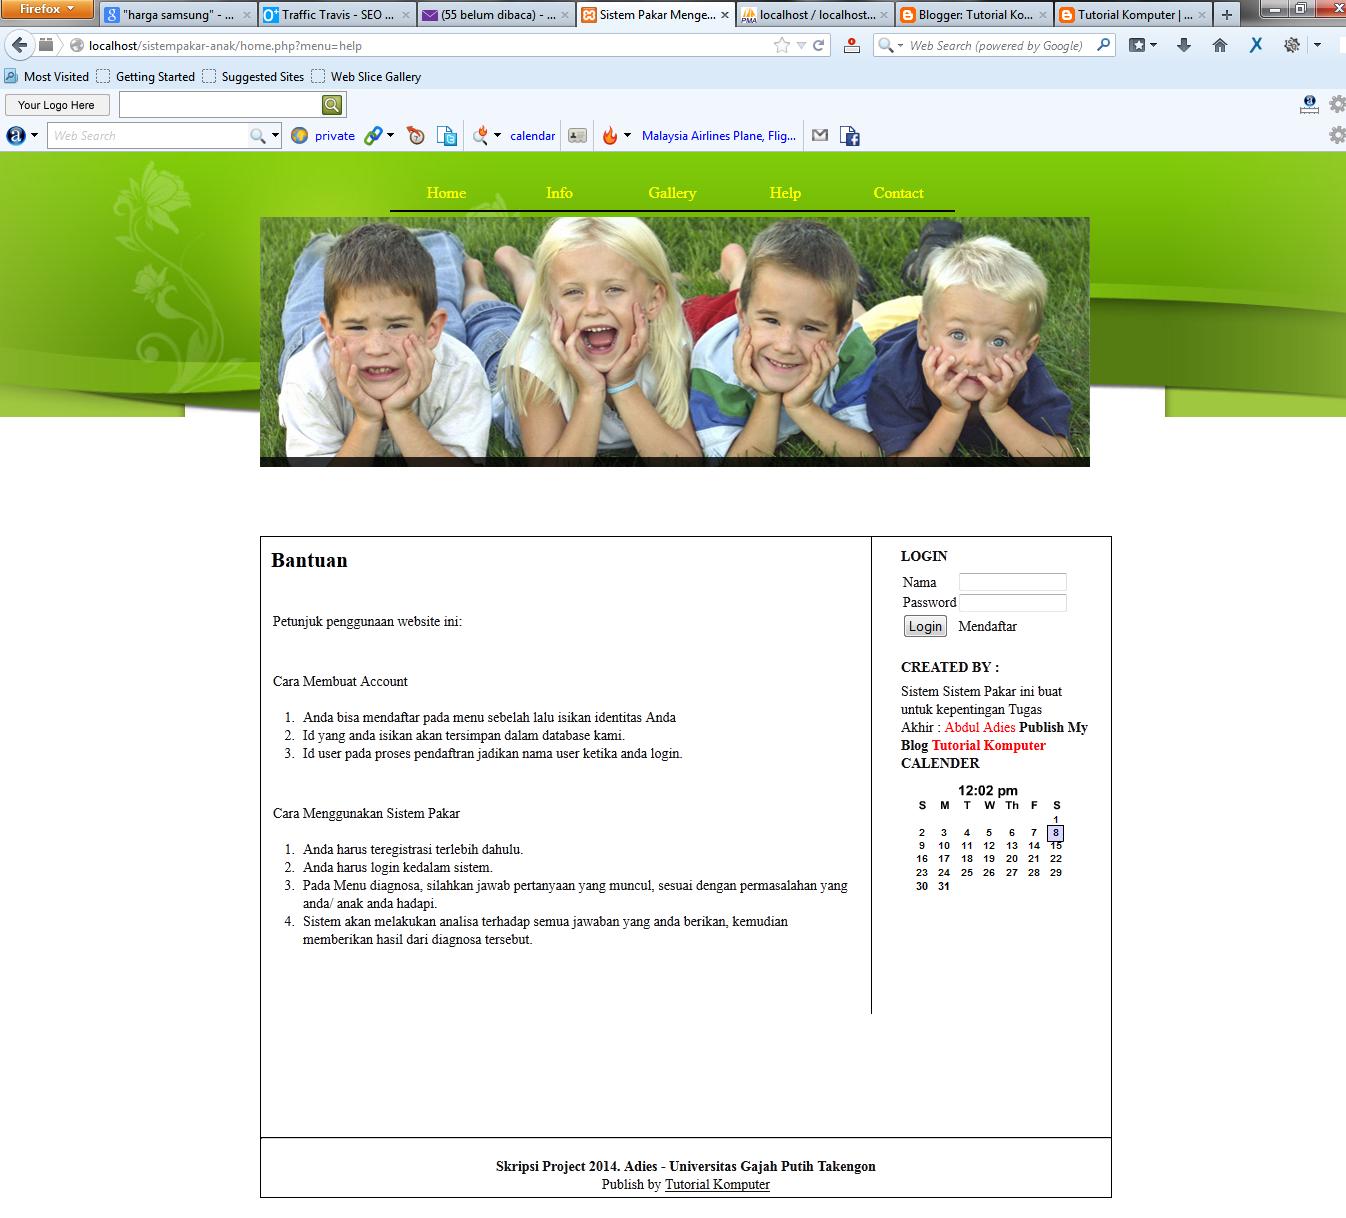 Sistem Pakar Anak Berbasis Web Dengan Php dan MySQL